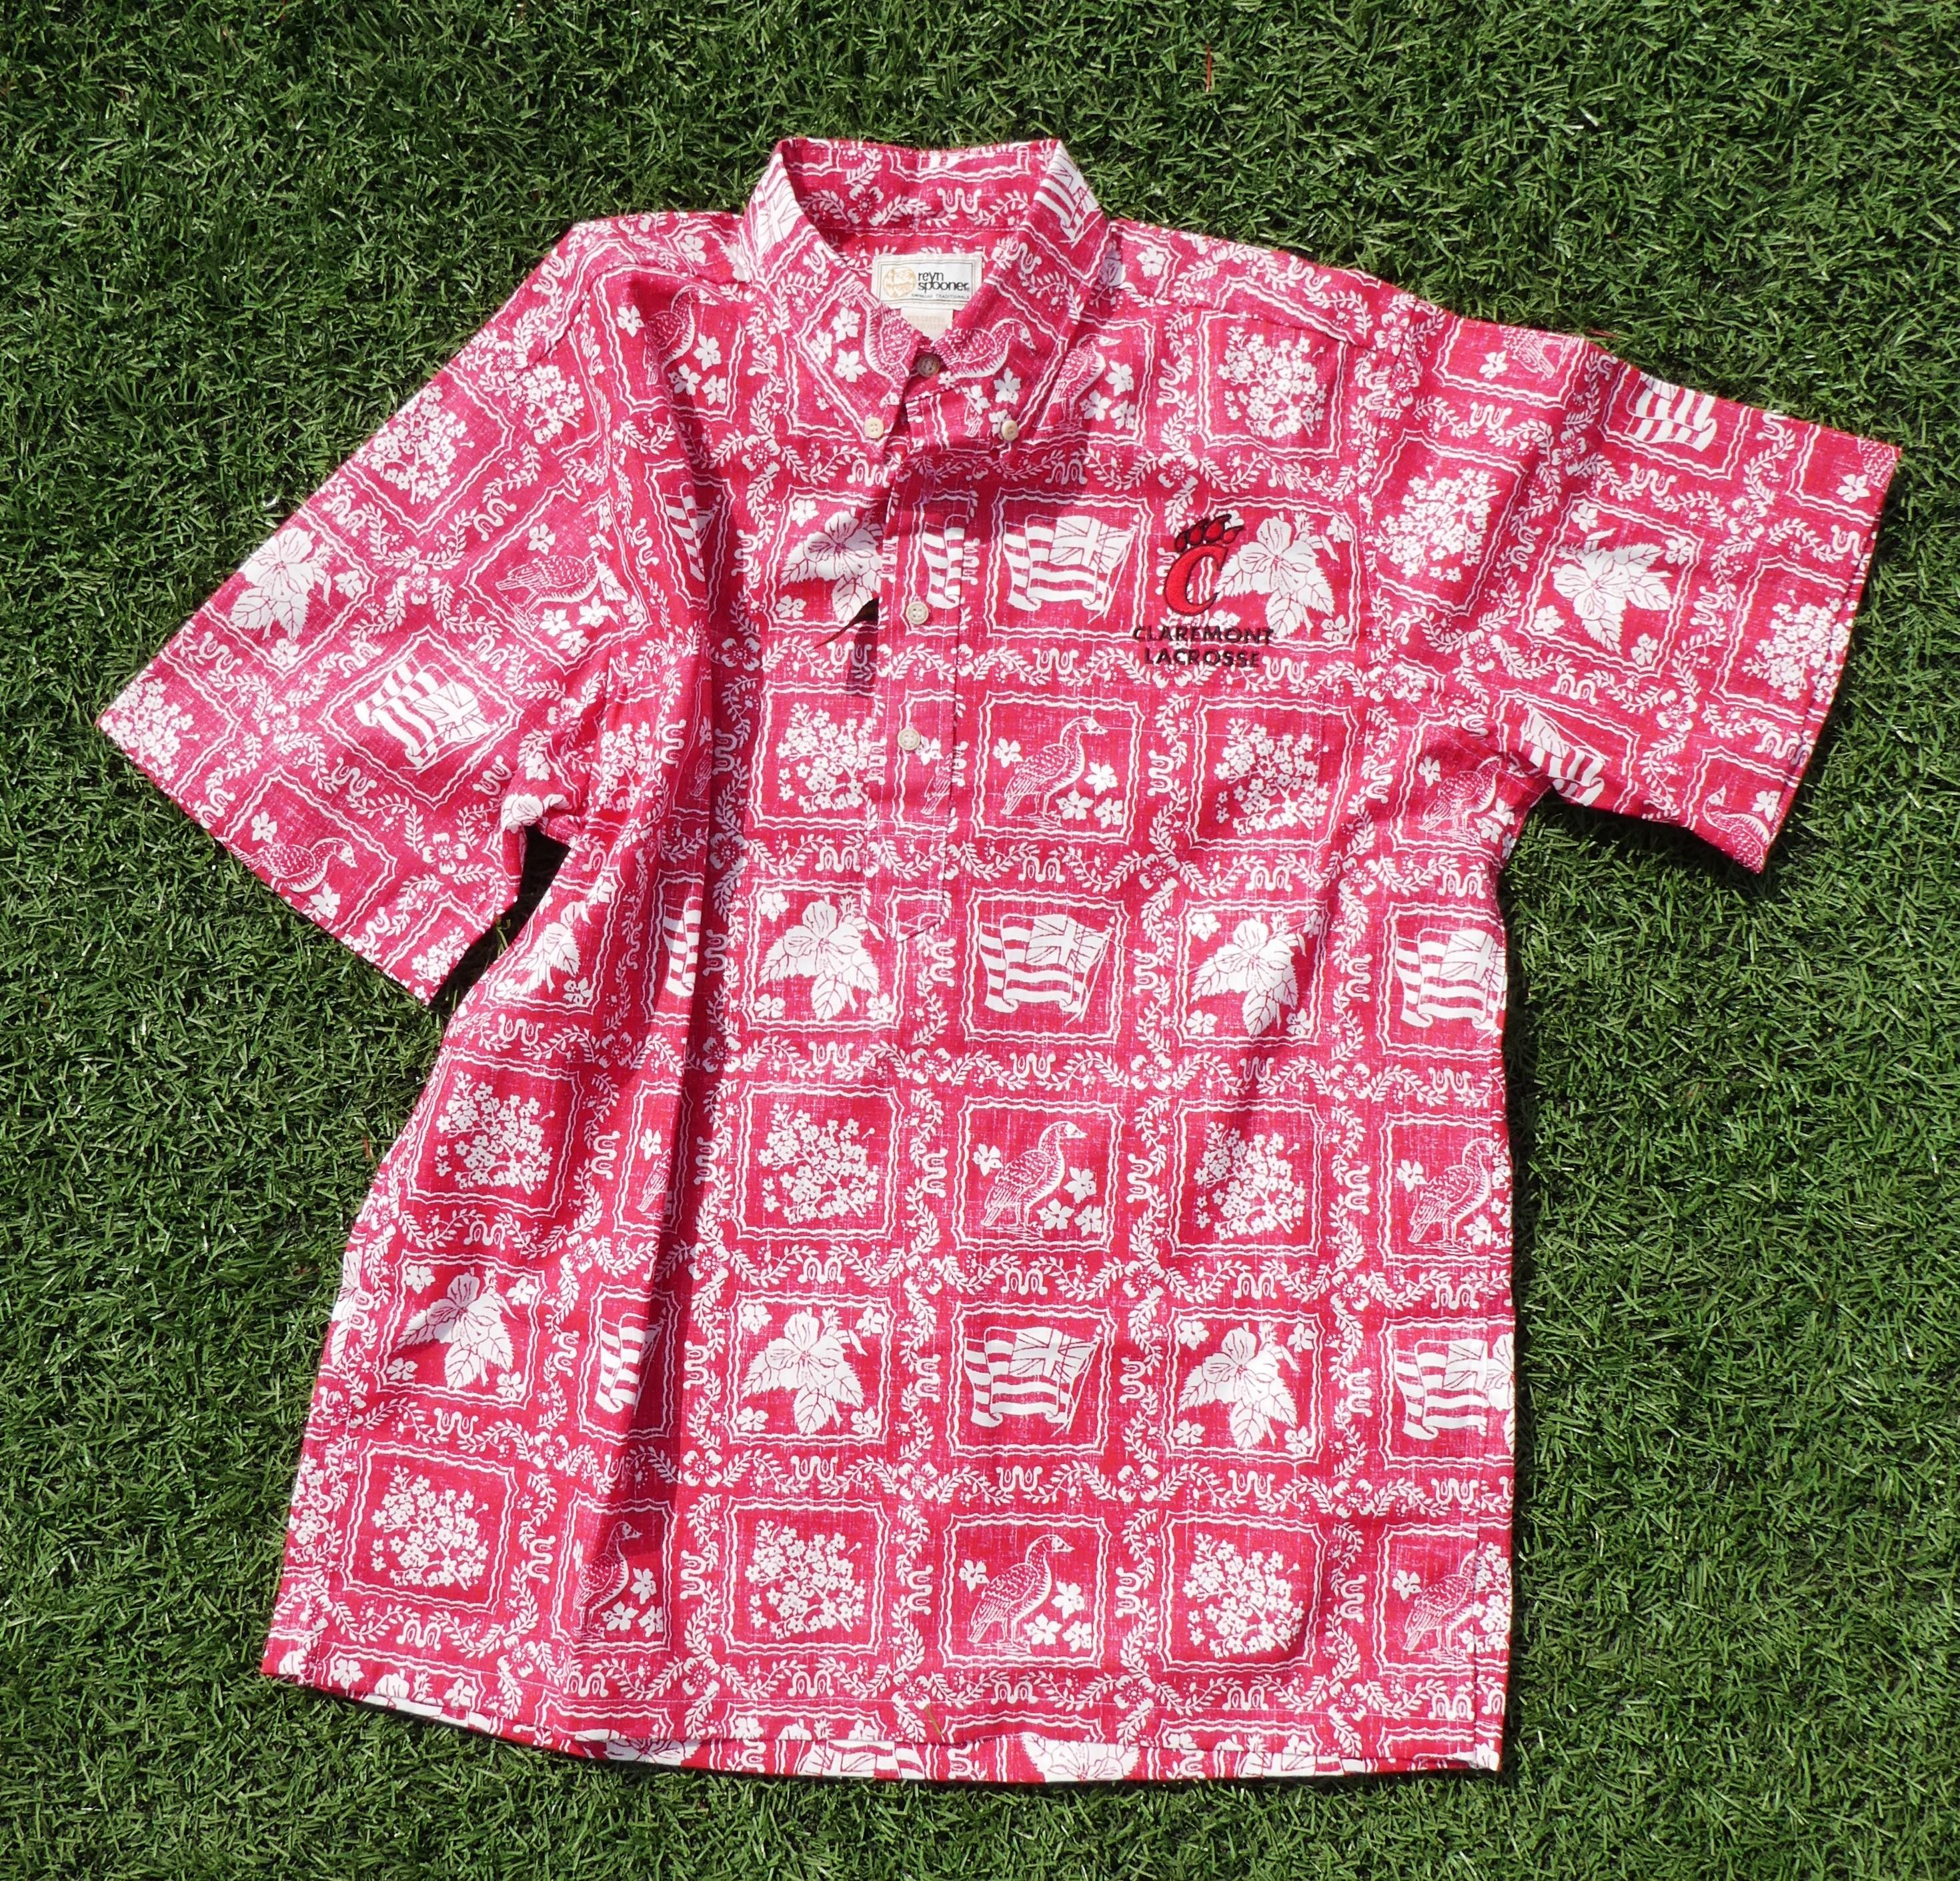 2107 Reyn Spooner Hawaiian Shirt